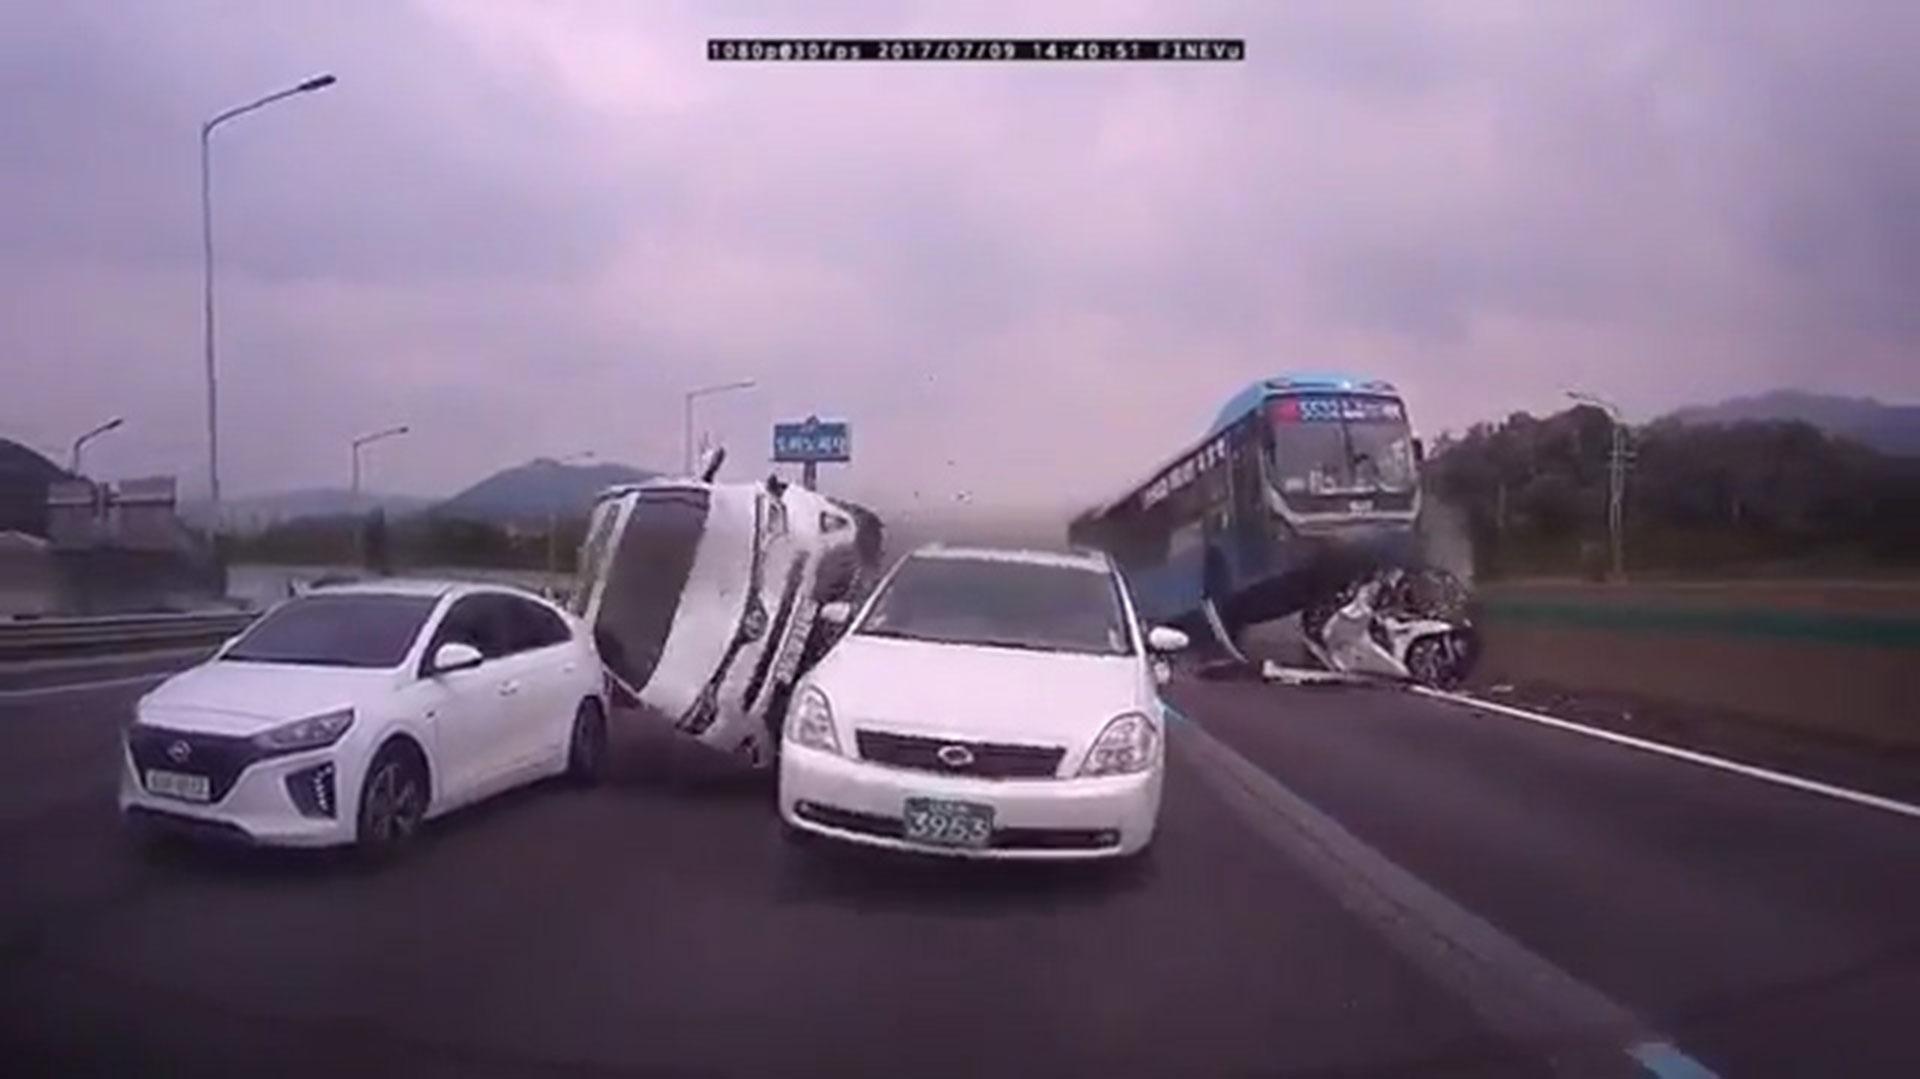 Accidentes Peli Porno un autobús como un tsunami: el accidente que parece una